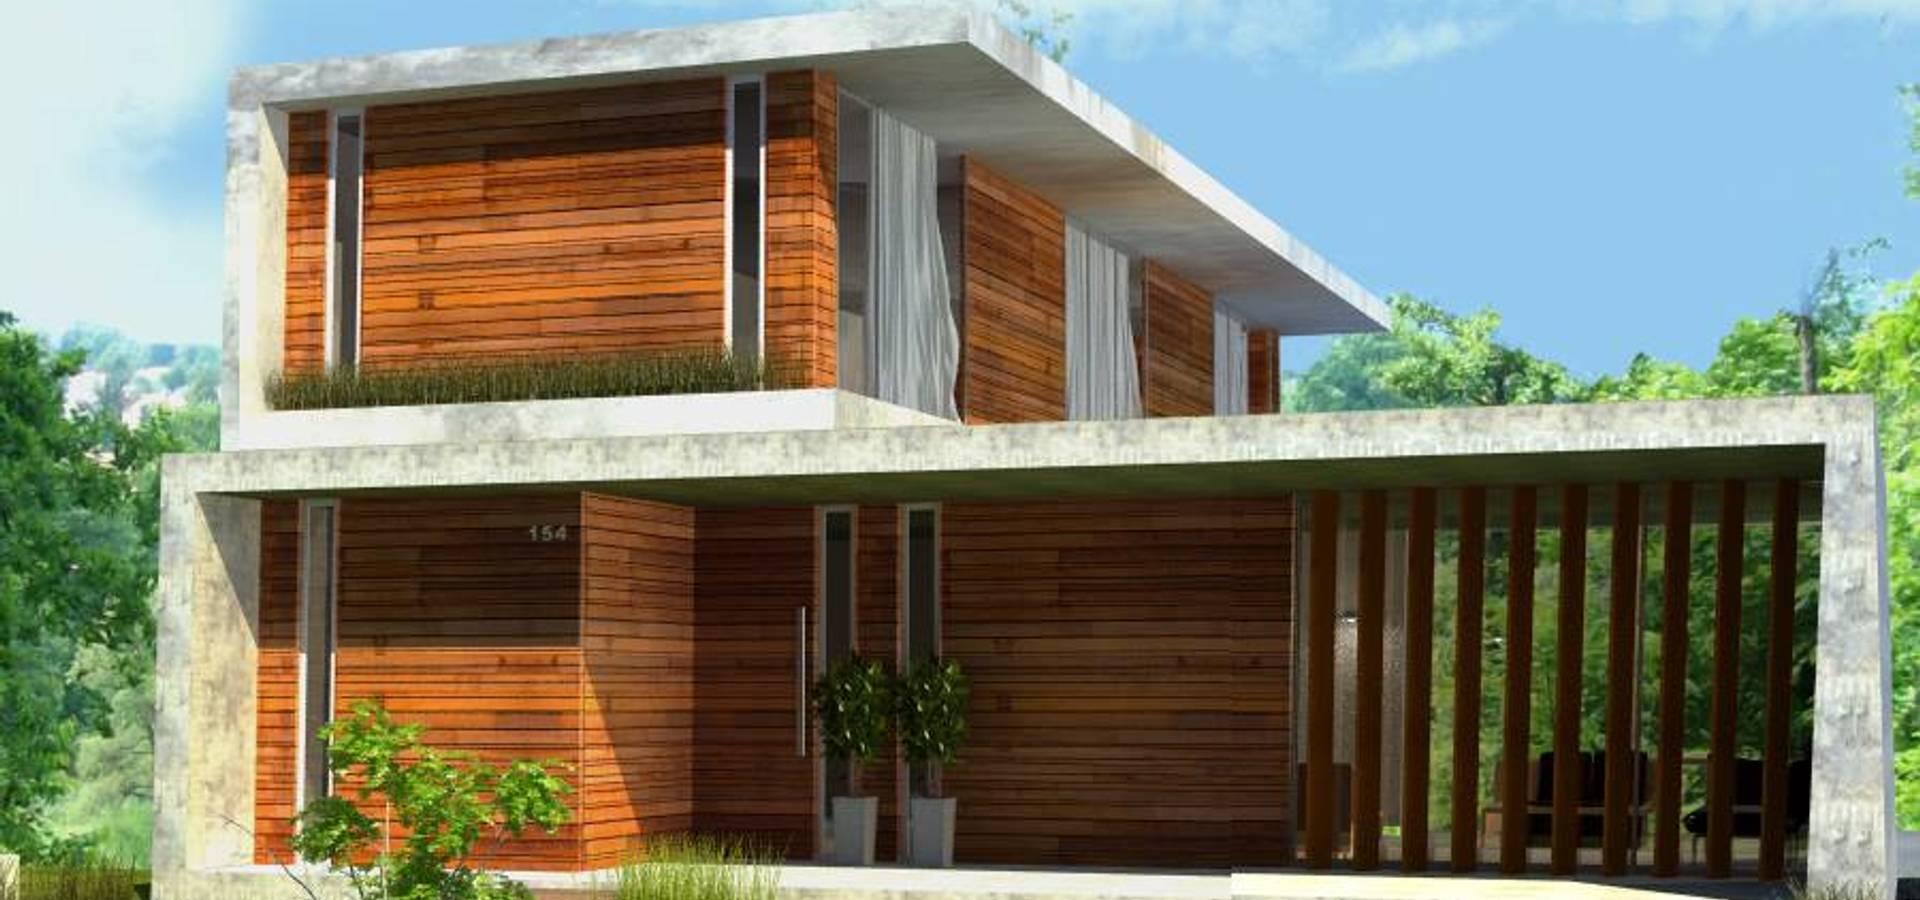 Arq Magdalena Saravia—Estudio de Arquitectura Sustentable -